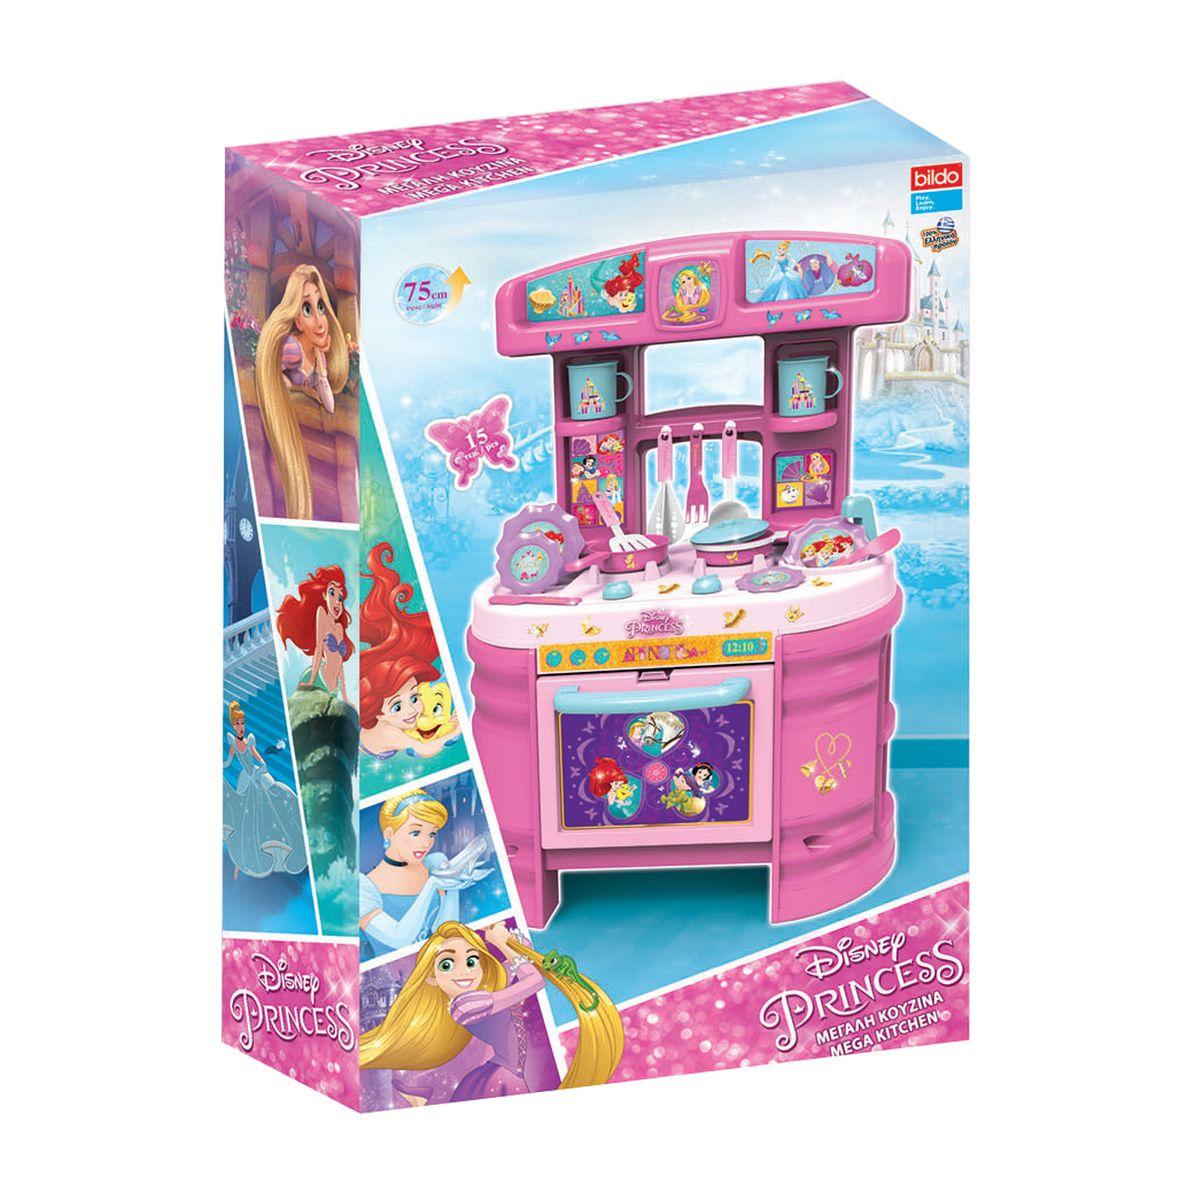 BILDO Игровая кухня большая ПринцессаB 7101